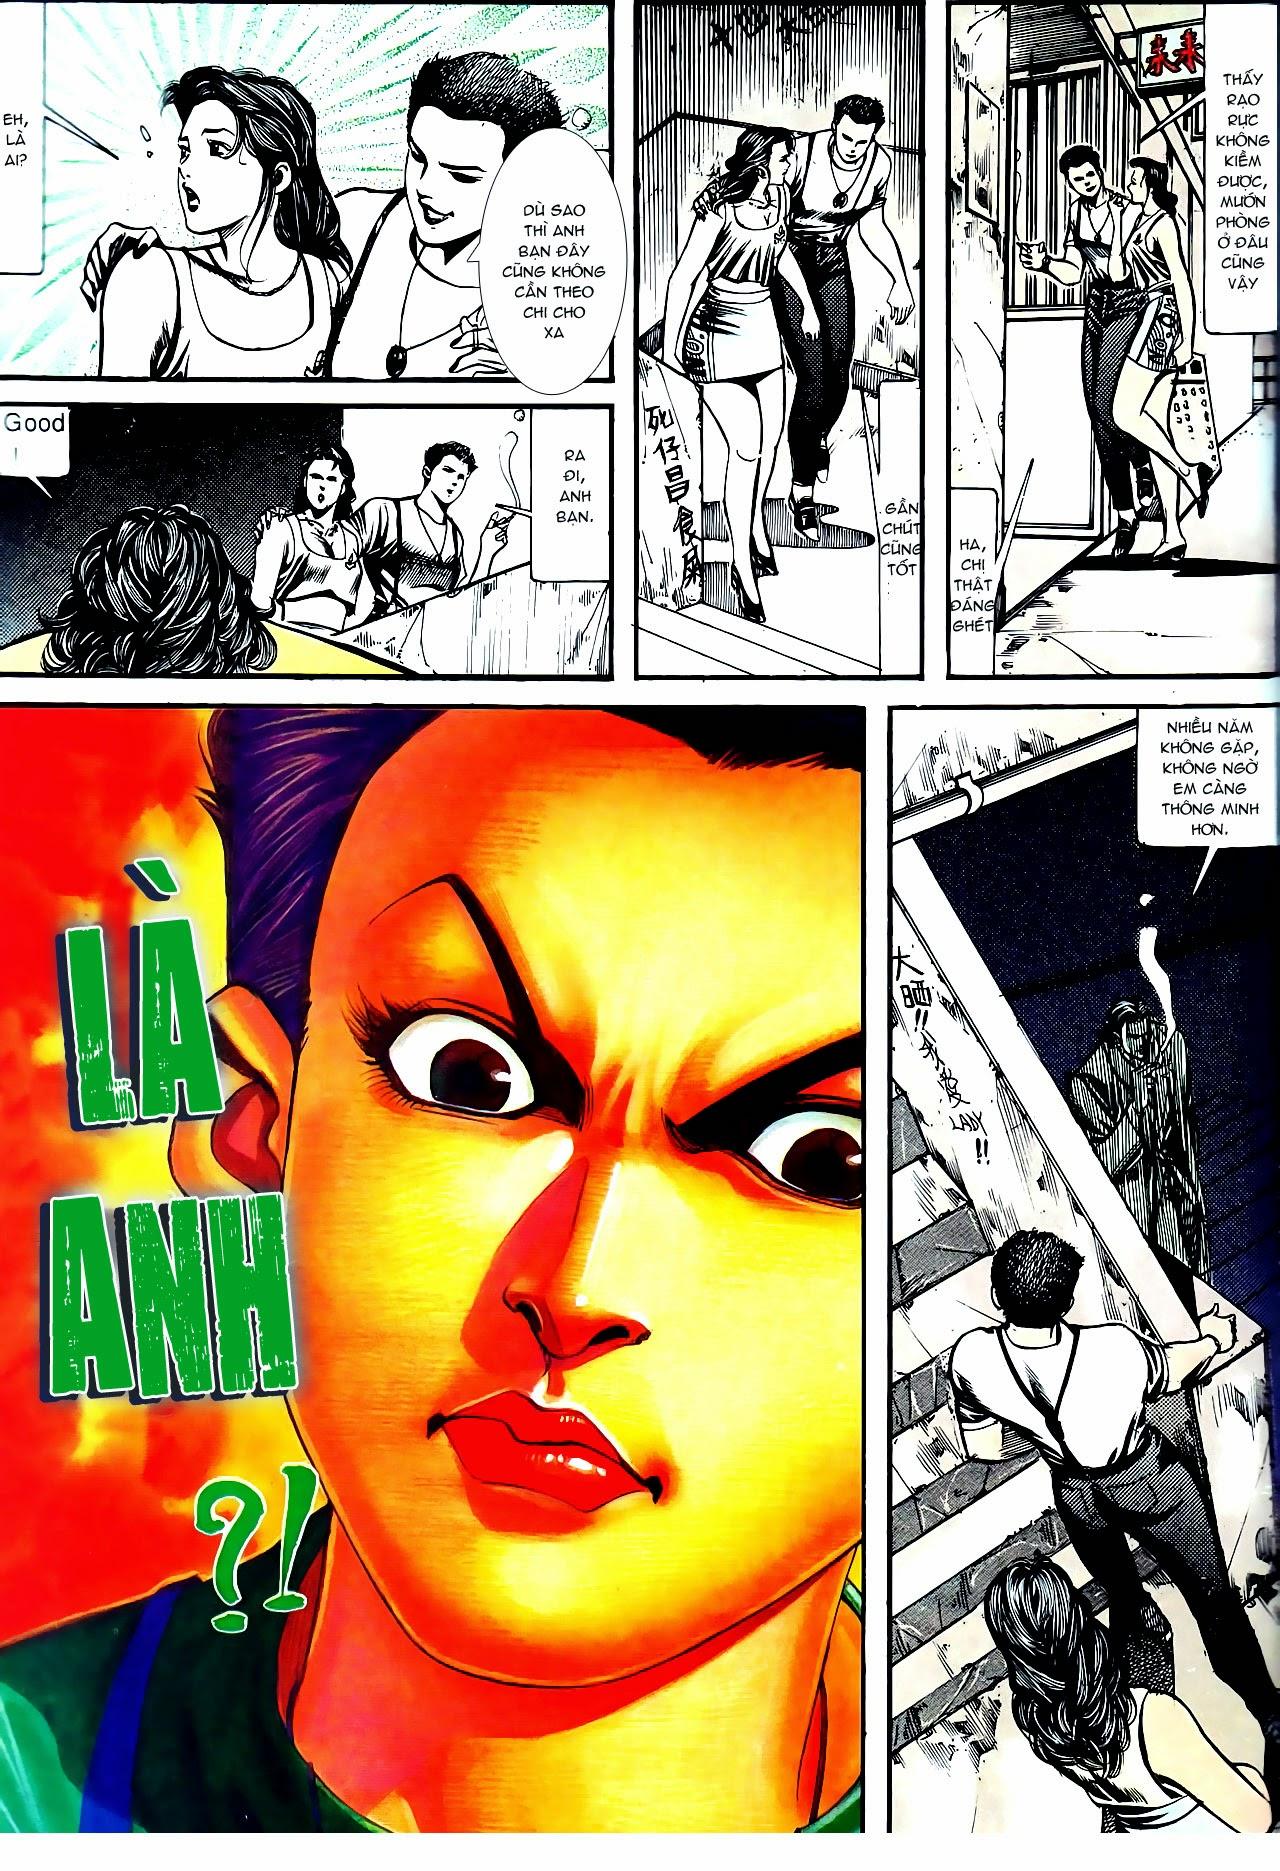 Người Trong Giang Hồ chapter 135: cạm bẫy rình rập trang 21